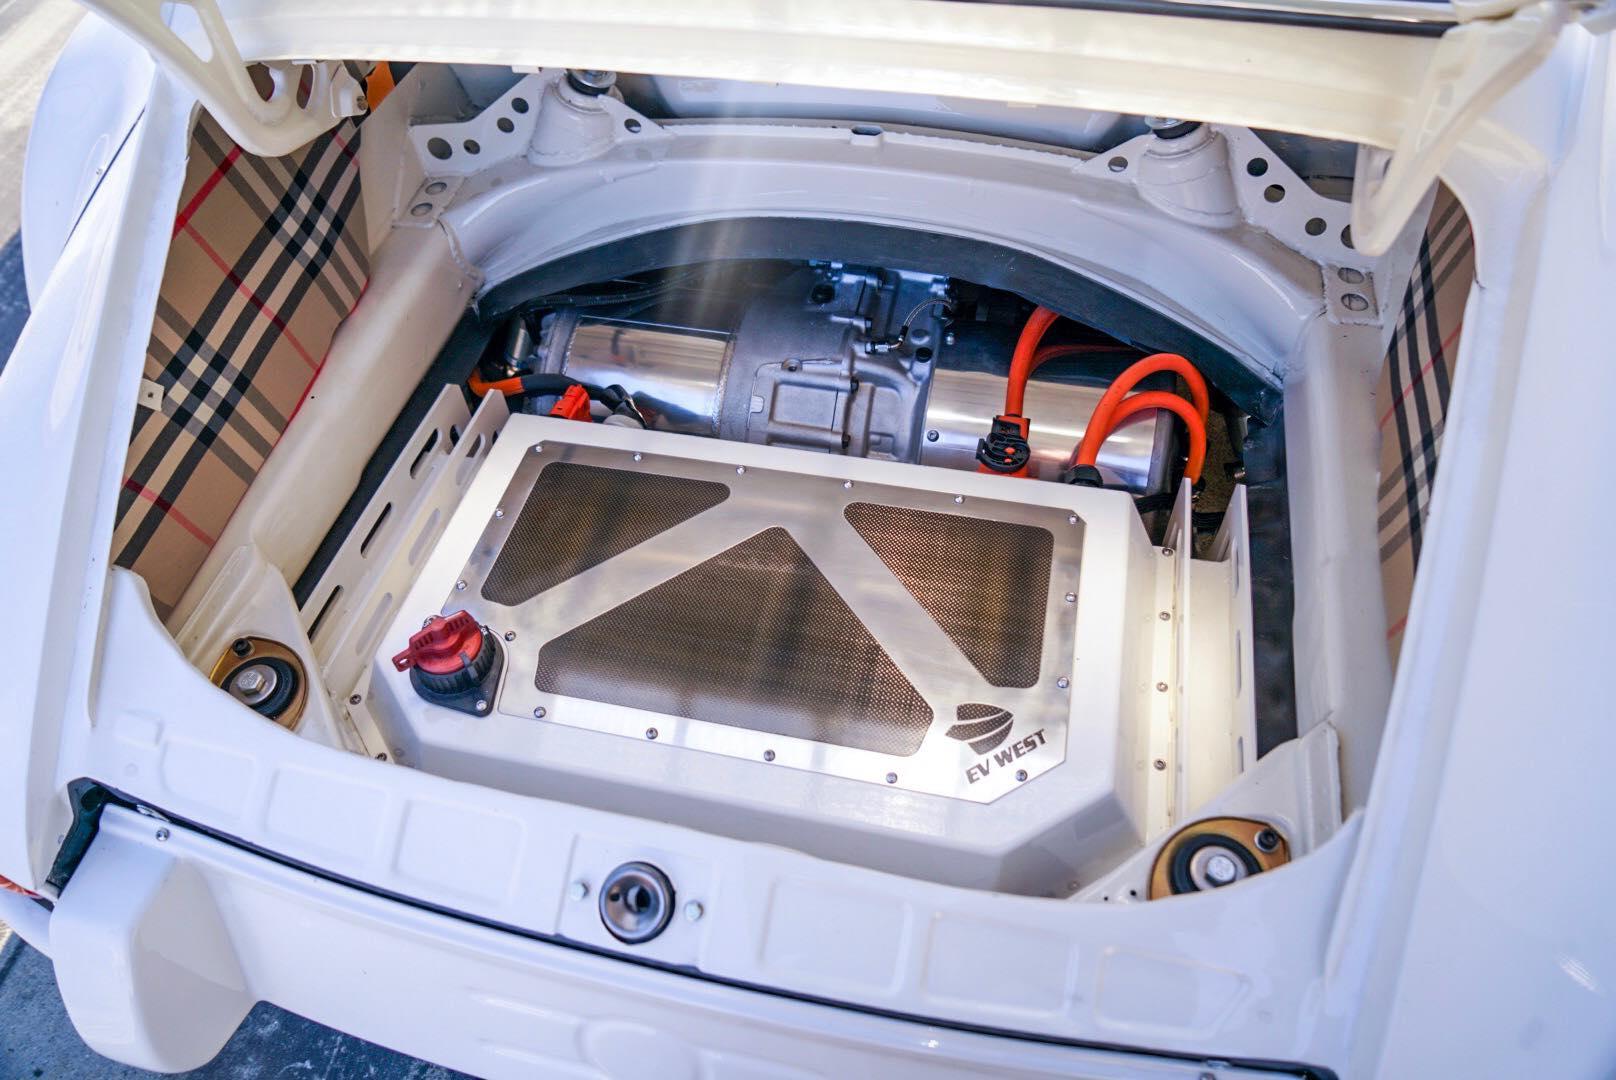 Специалист по калифорнийским электромобилям продемонстрировал комплект для электромобилей на автошоуSEMA 2019. Автомобиль был построен в прошлом году, но в этом году он получил большую огласку, сочетая классические цвета Porsche с красивым интерьером